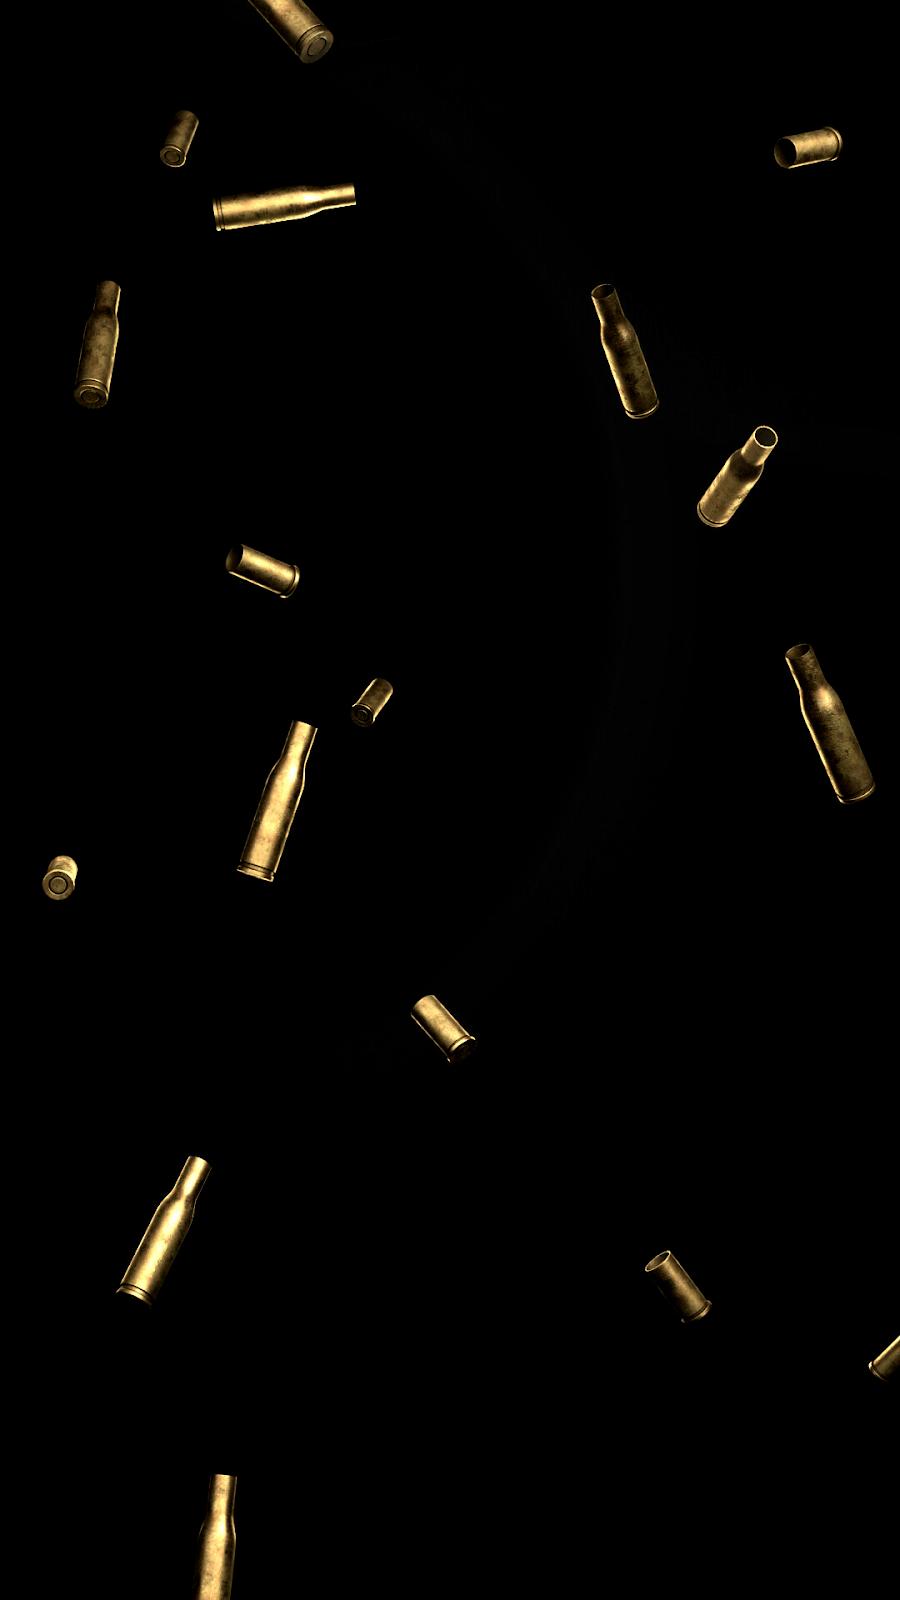 bullets guns